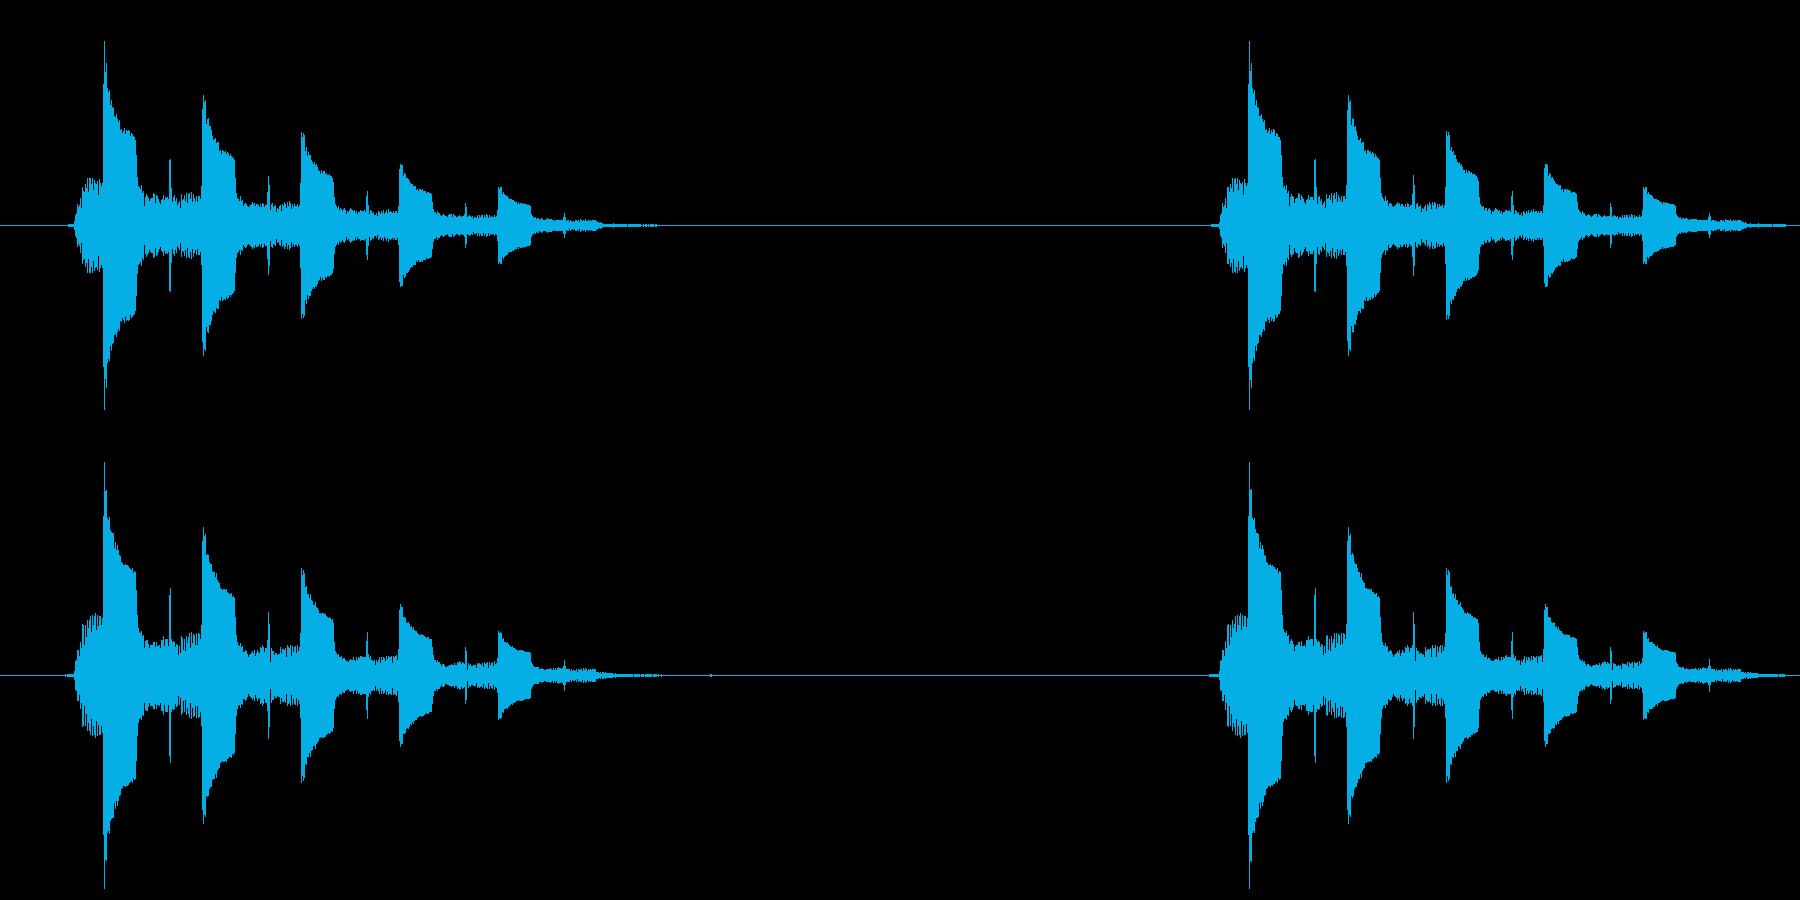 トゥルルルル、という電話の音ですの再生済みの波形